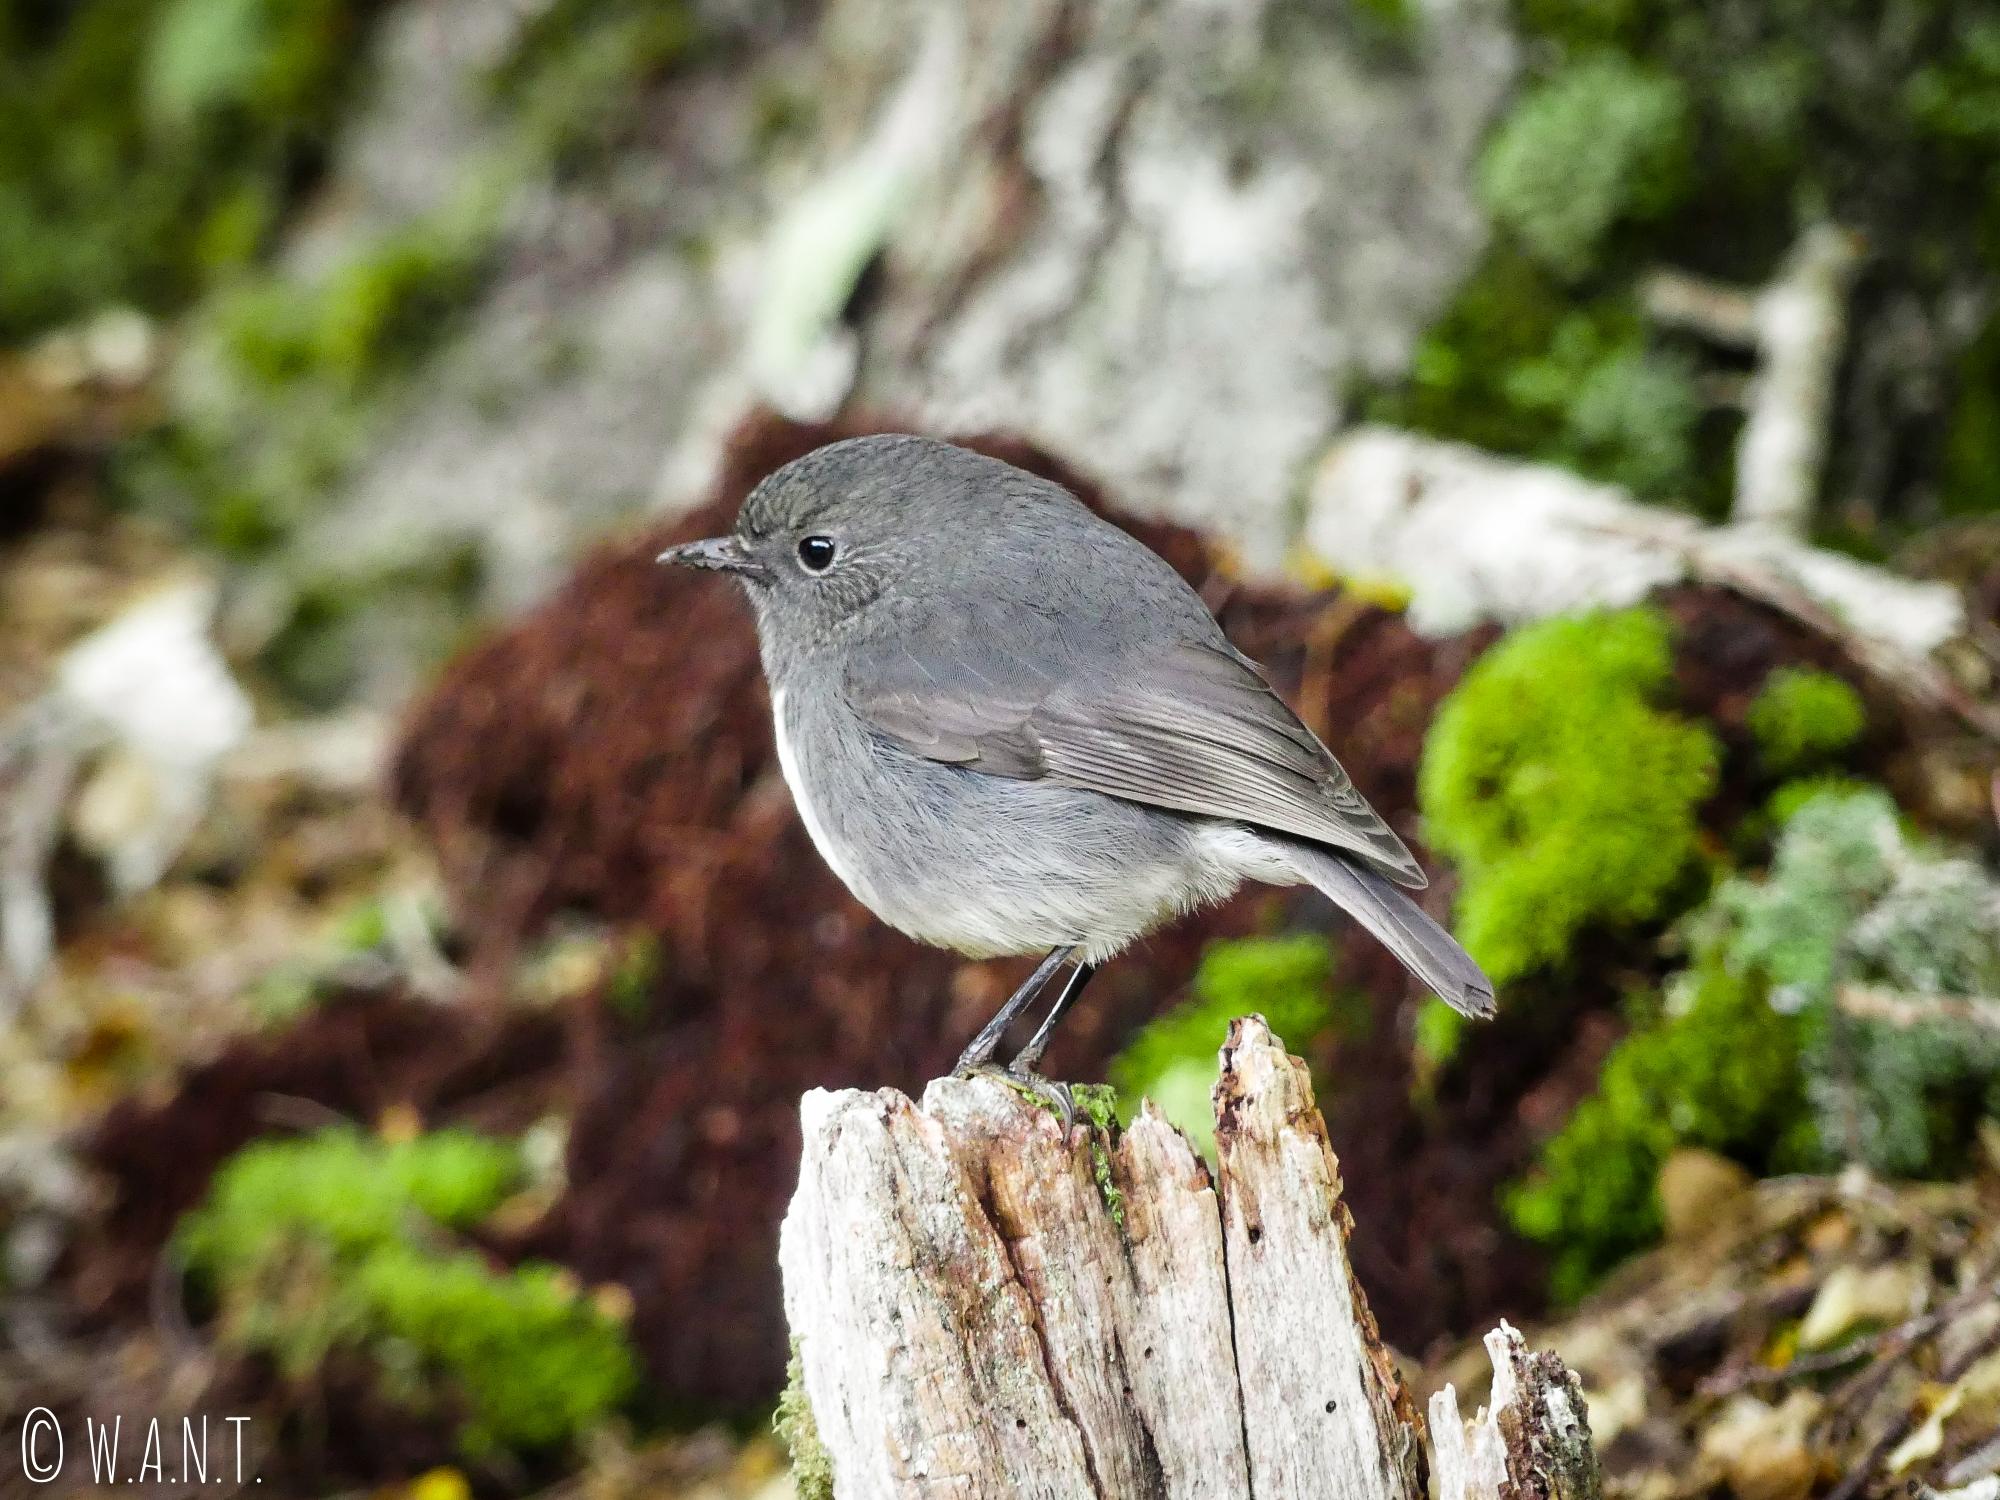 Benjamin rêve d'apprivoiser les petits oiseaux que nous rencontrons à Te Anau en Nouvelle-Zélande